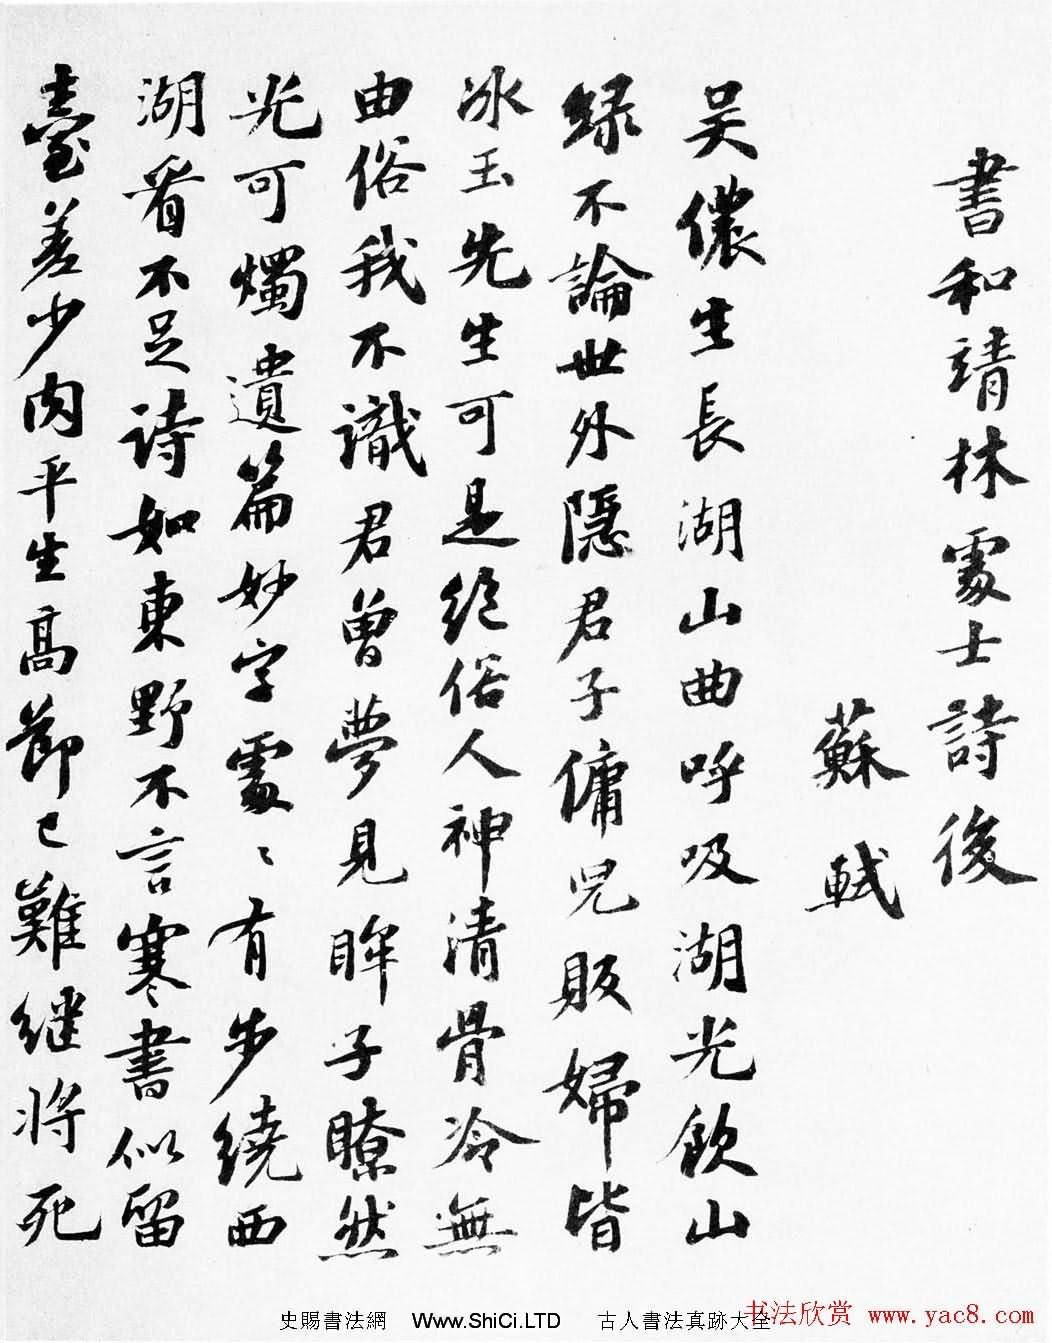 蘇軾書法墨跡欣賞《書林逋詩後》